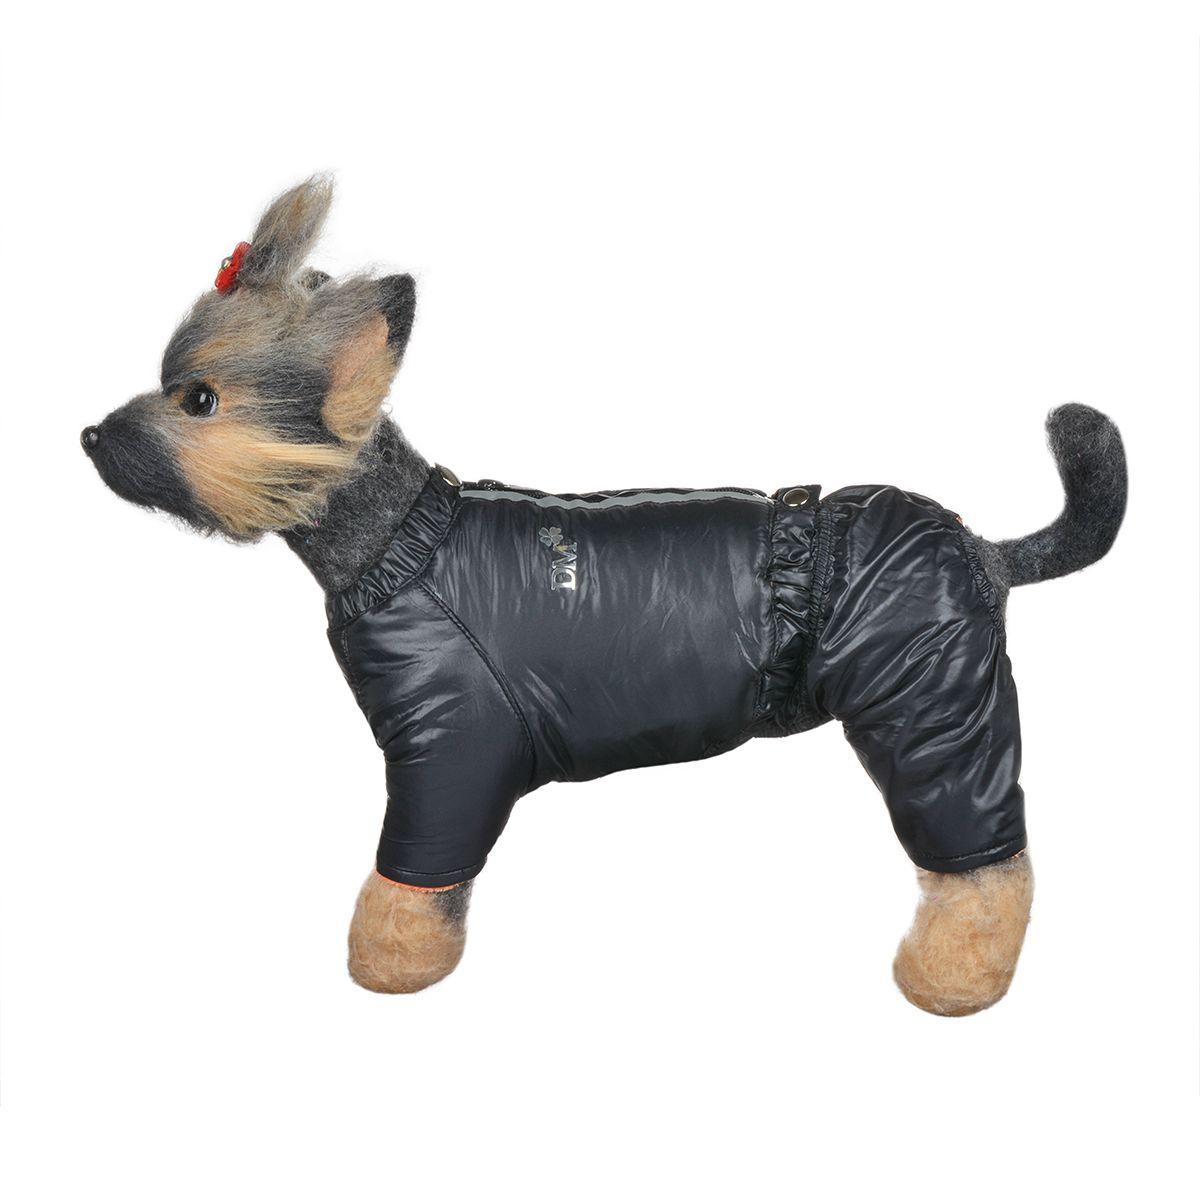 Костюм для собак Dogmoda Дублин, зимний, для мальчика, цвет: черный, оранжевый. Размер 1 (S) комбинезон для собак dogmoda doggs зимний для девочки цвет оранжевый размер xxxl